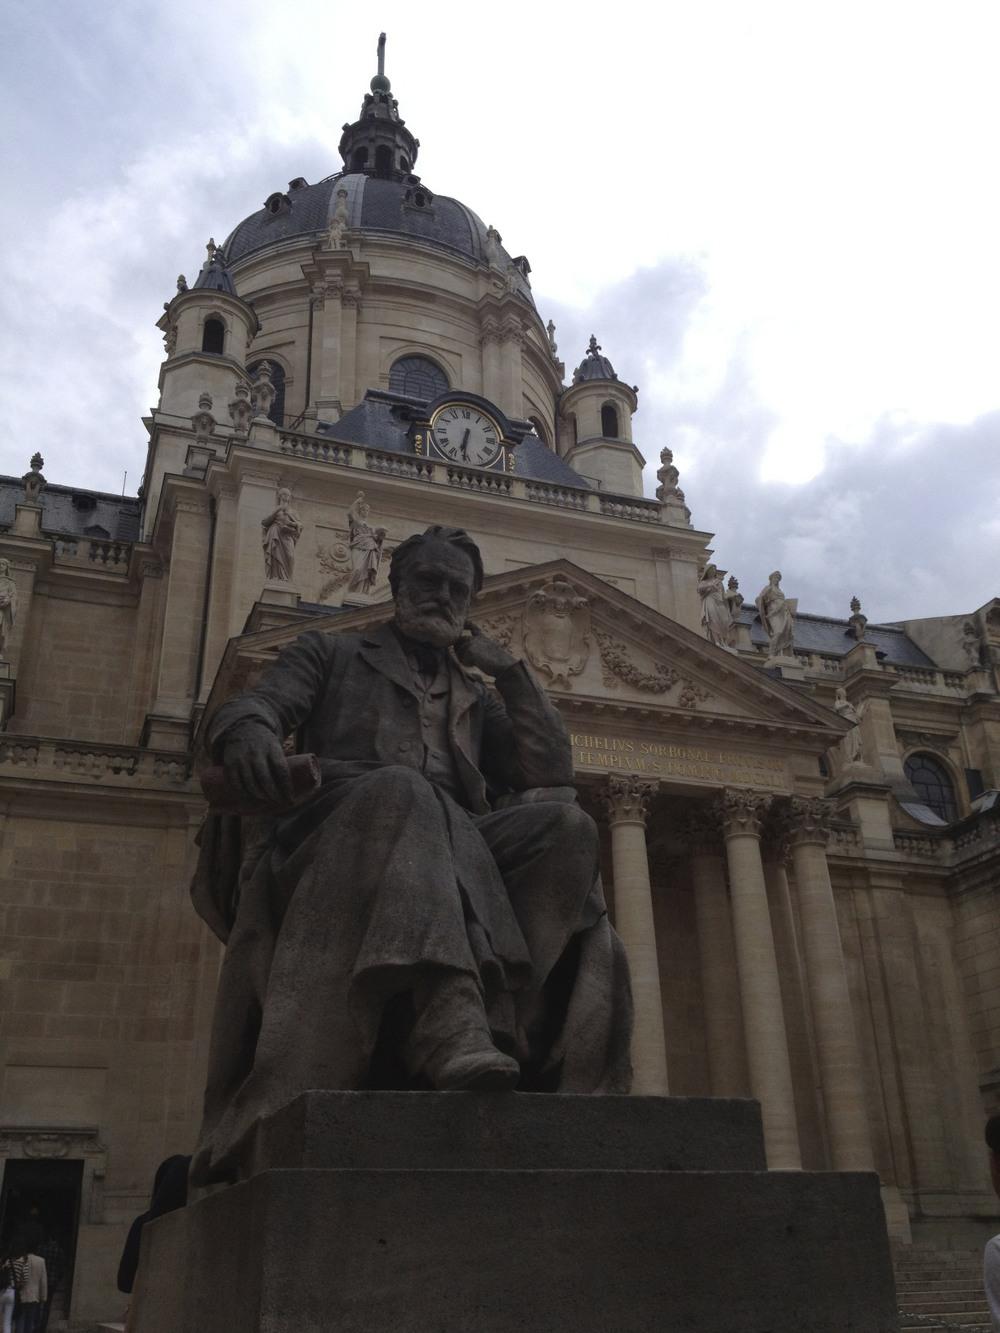 Outside the chapel at La Sorbonne.